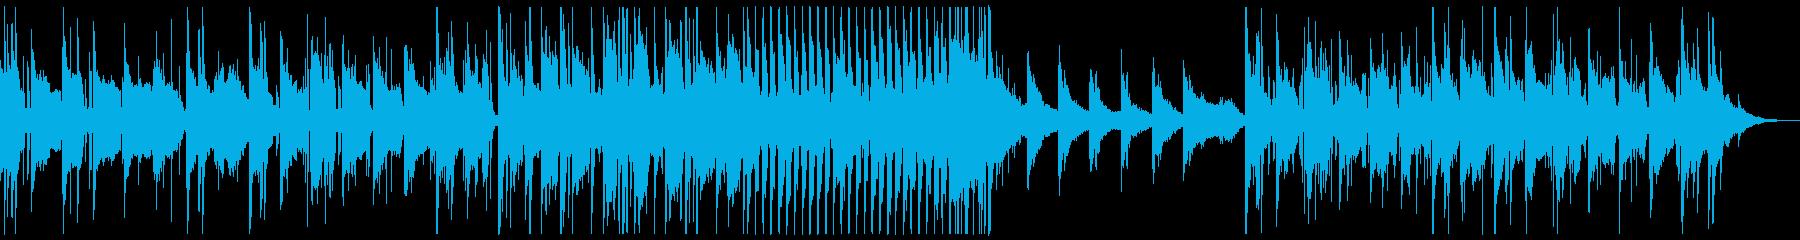 のんびり_漂う_ノスタルジーの再生済みの波形